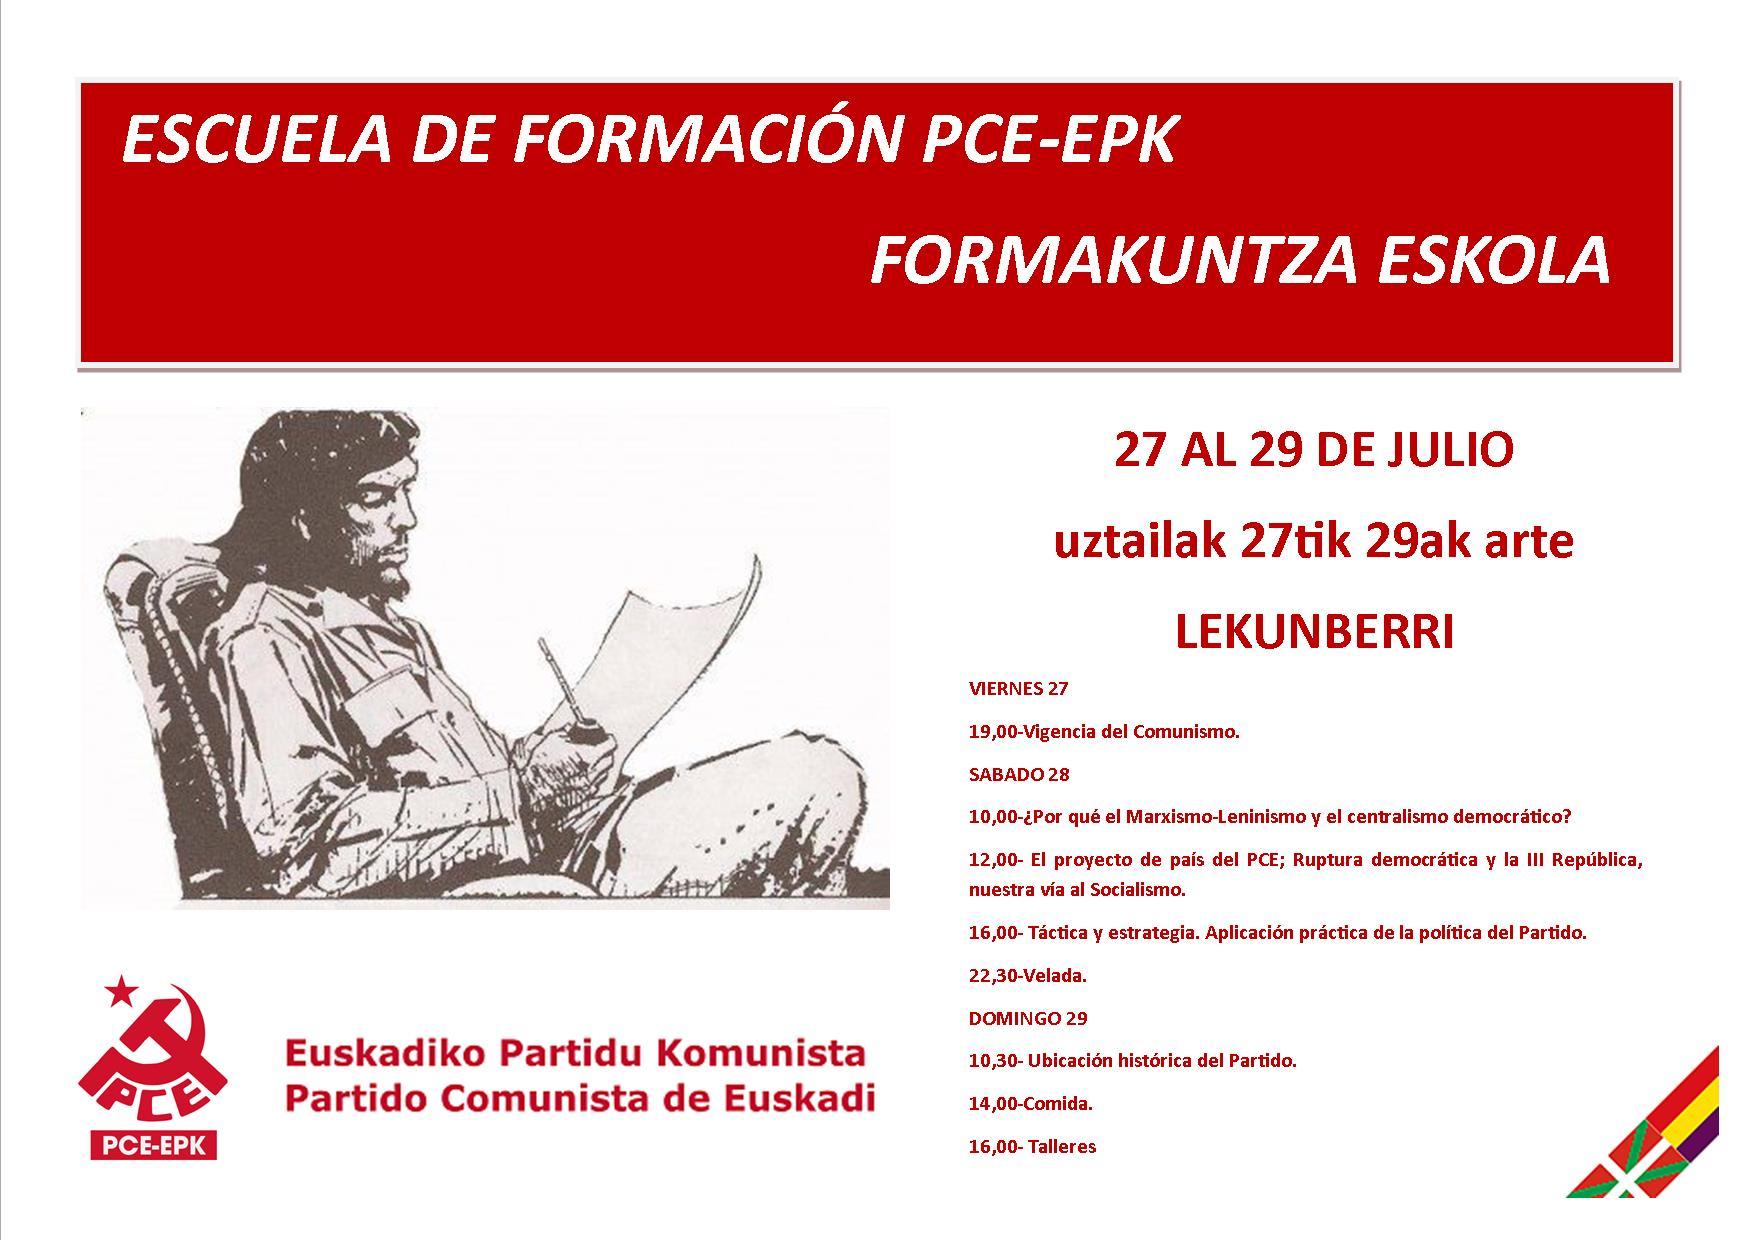 Escuela de formación de verano del PCE-EPK. Formakuntza Eskola, Uztailak 27tik 29ak arte.